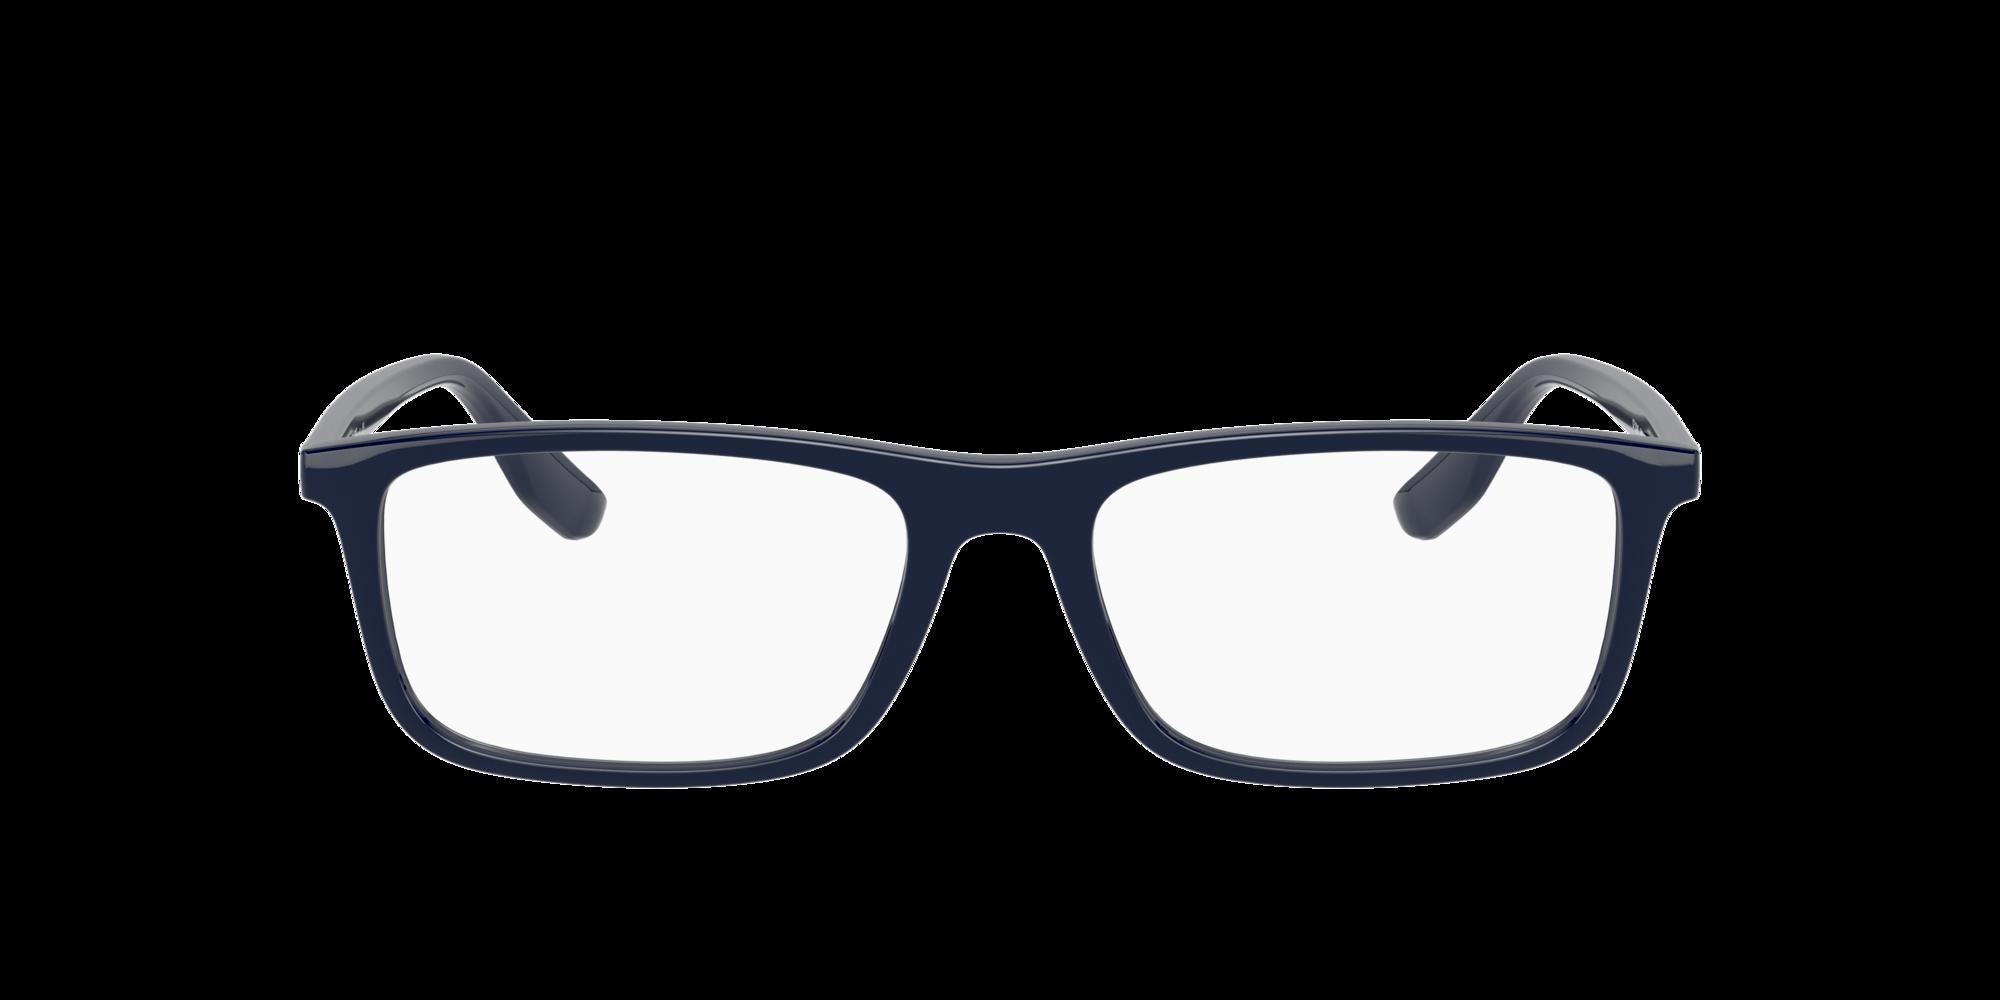 Imagen para CP3046 de LensCrafters |  Espejuelos, espejuelos graduados en línea, gafas